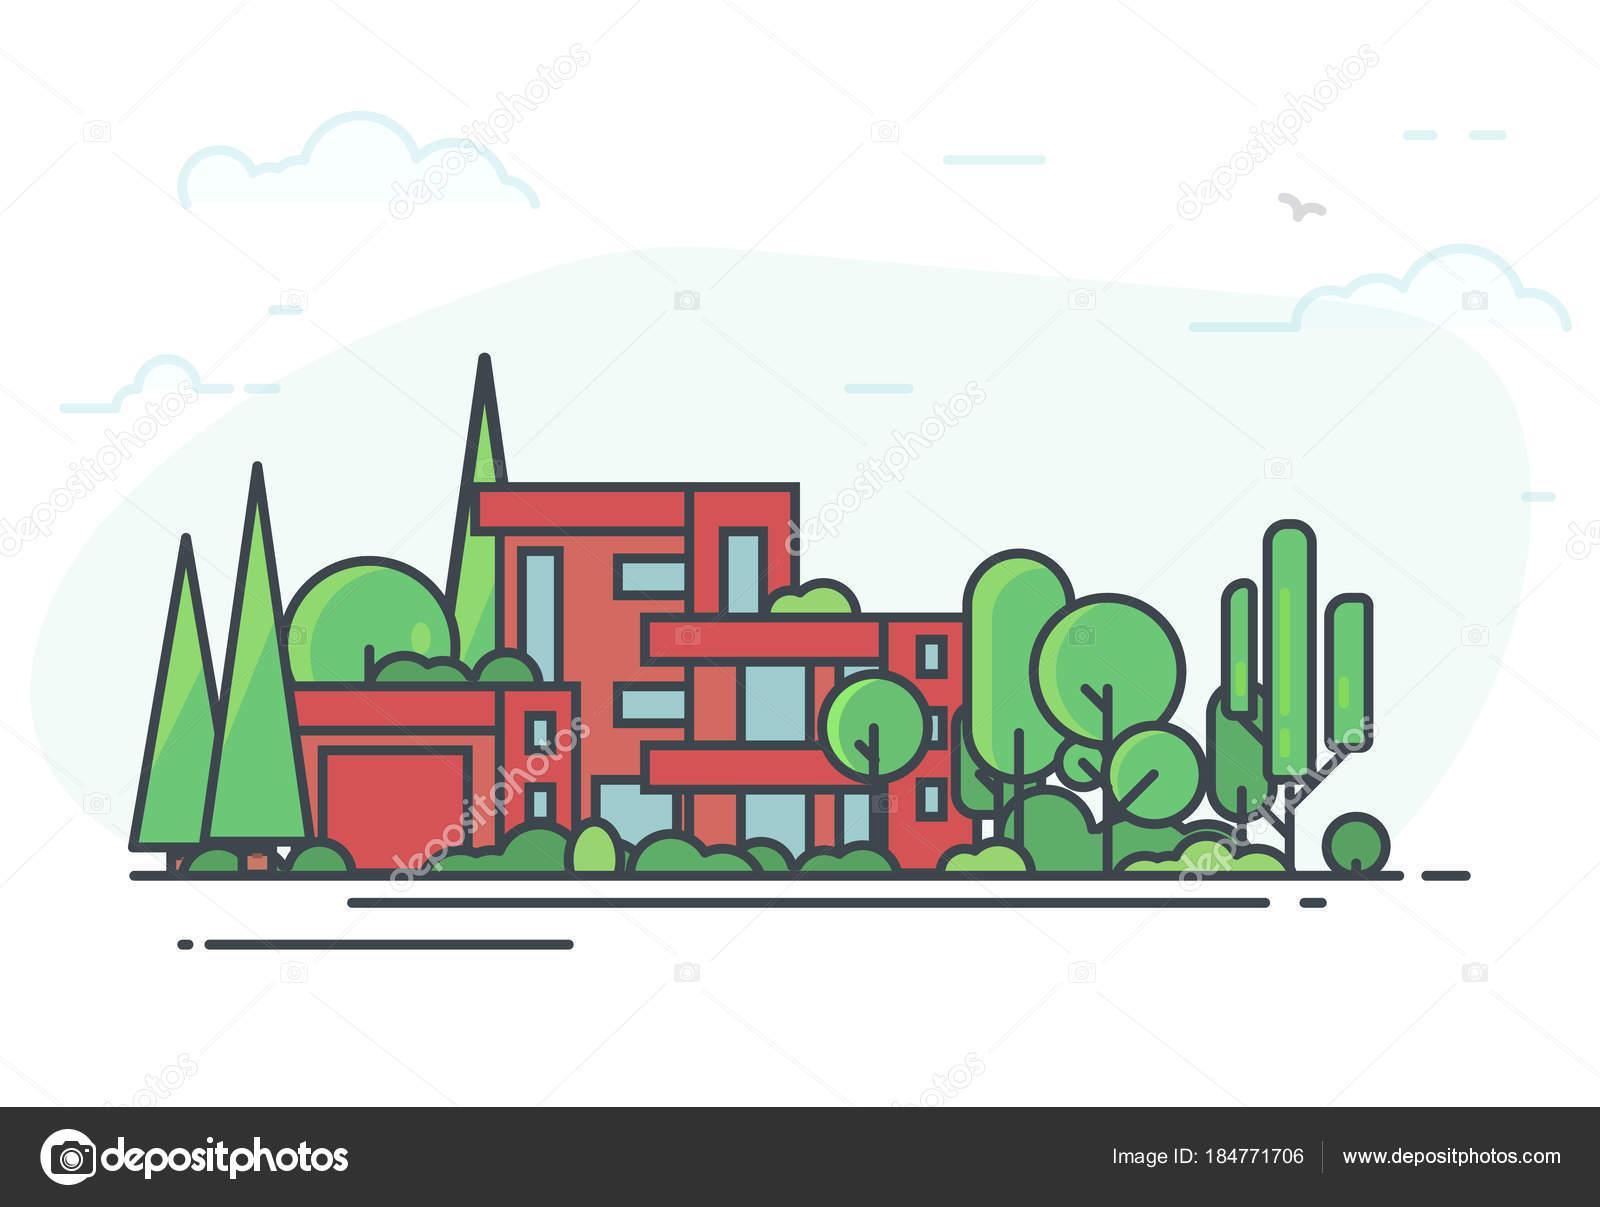 Großes Modernes Ferienhaus Mit Bäumen Umgeben. Grünen Park. Immobilien  Ferienhaus Hintergrund Für Banner. Rot, Modernes Haus Mit Garage, Große  Fenster Und ...